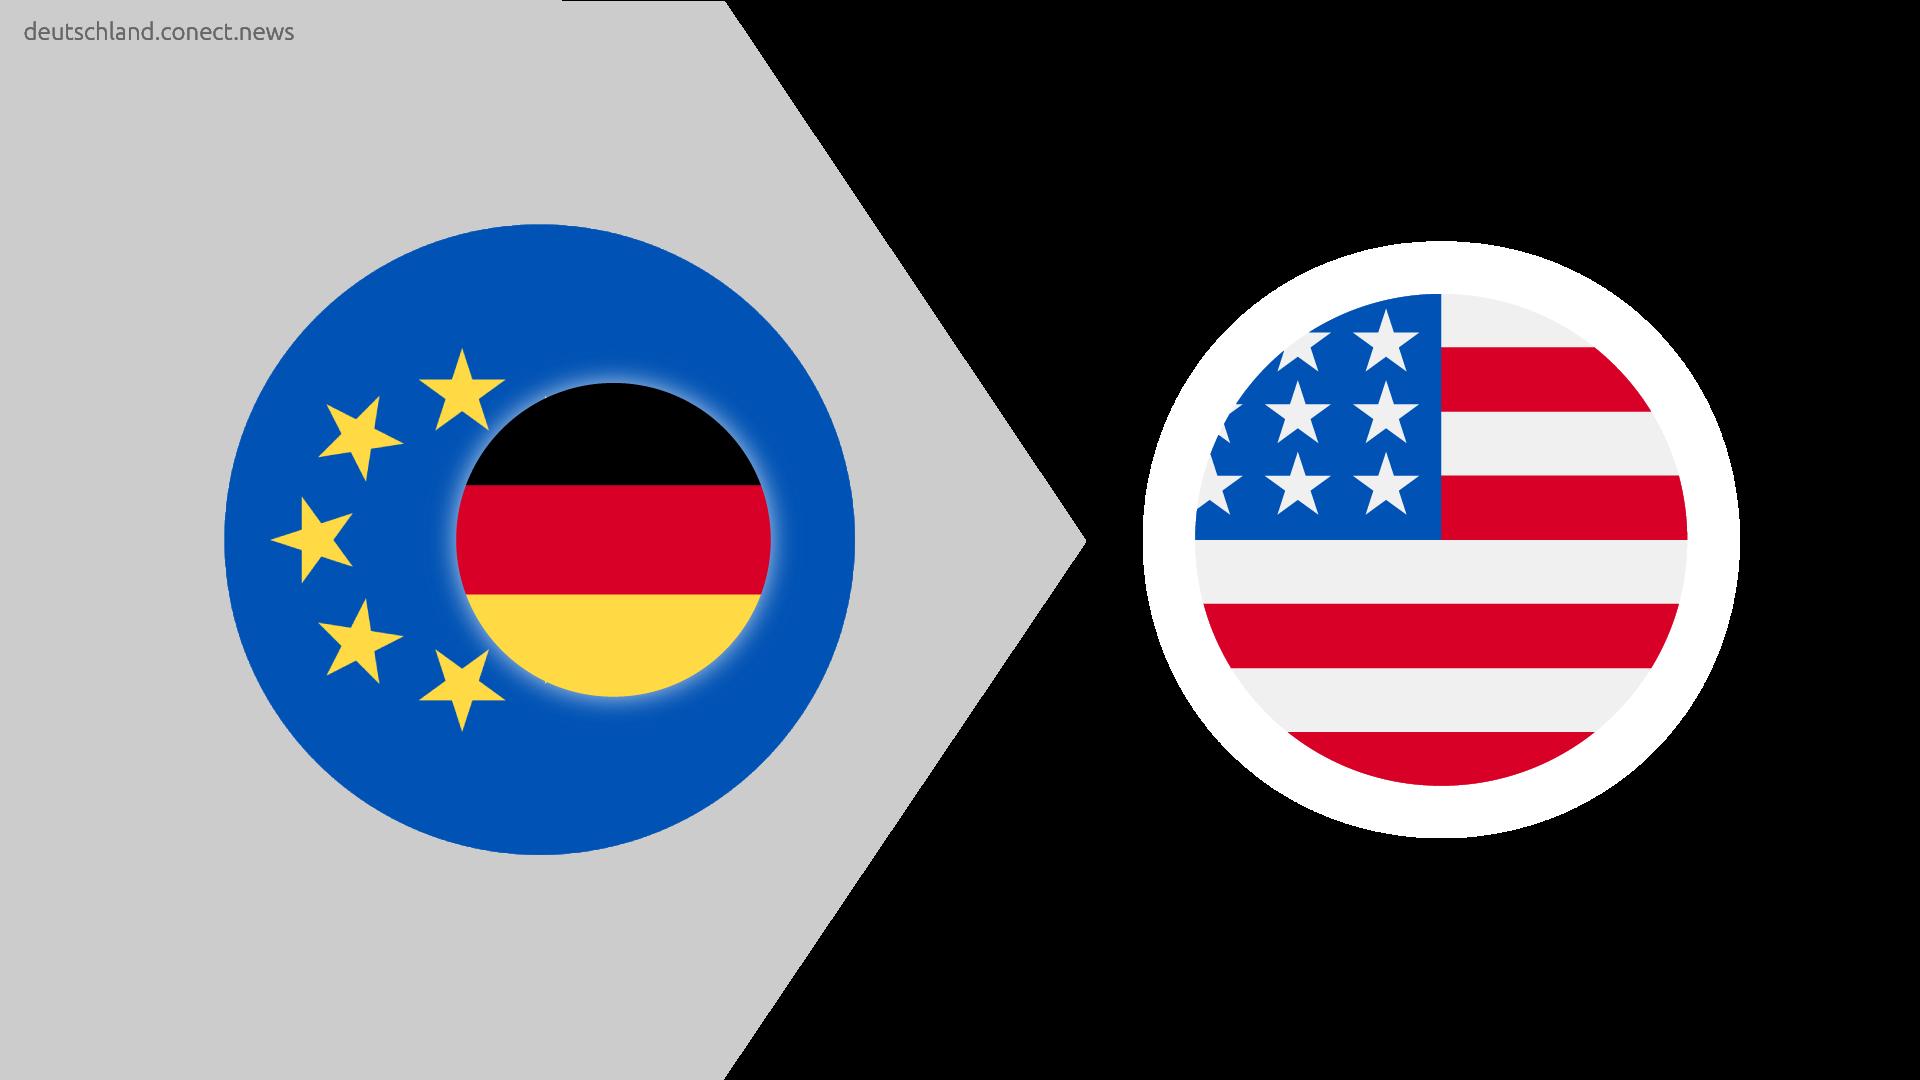 Günstiger von Deutschland in die USA @conetc_news